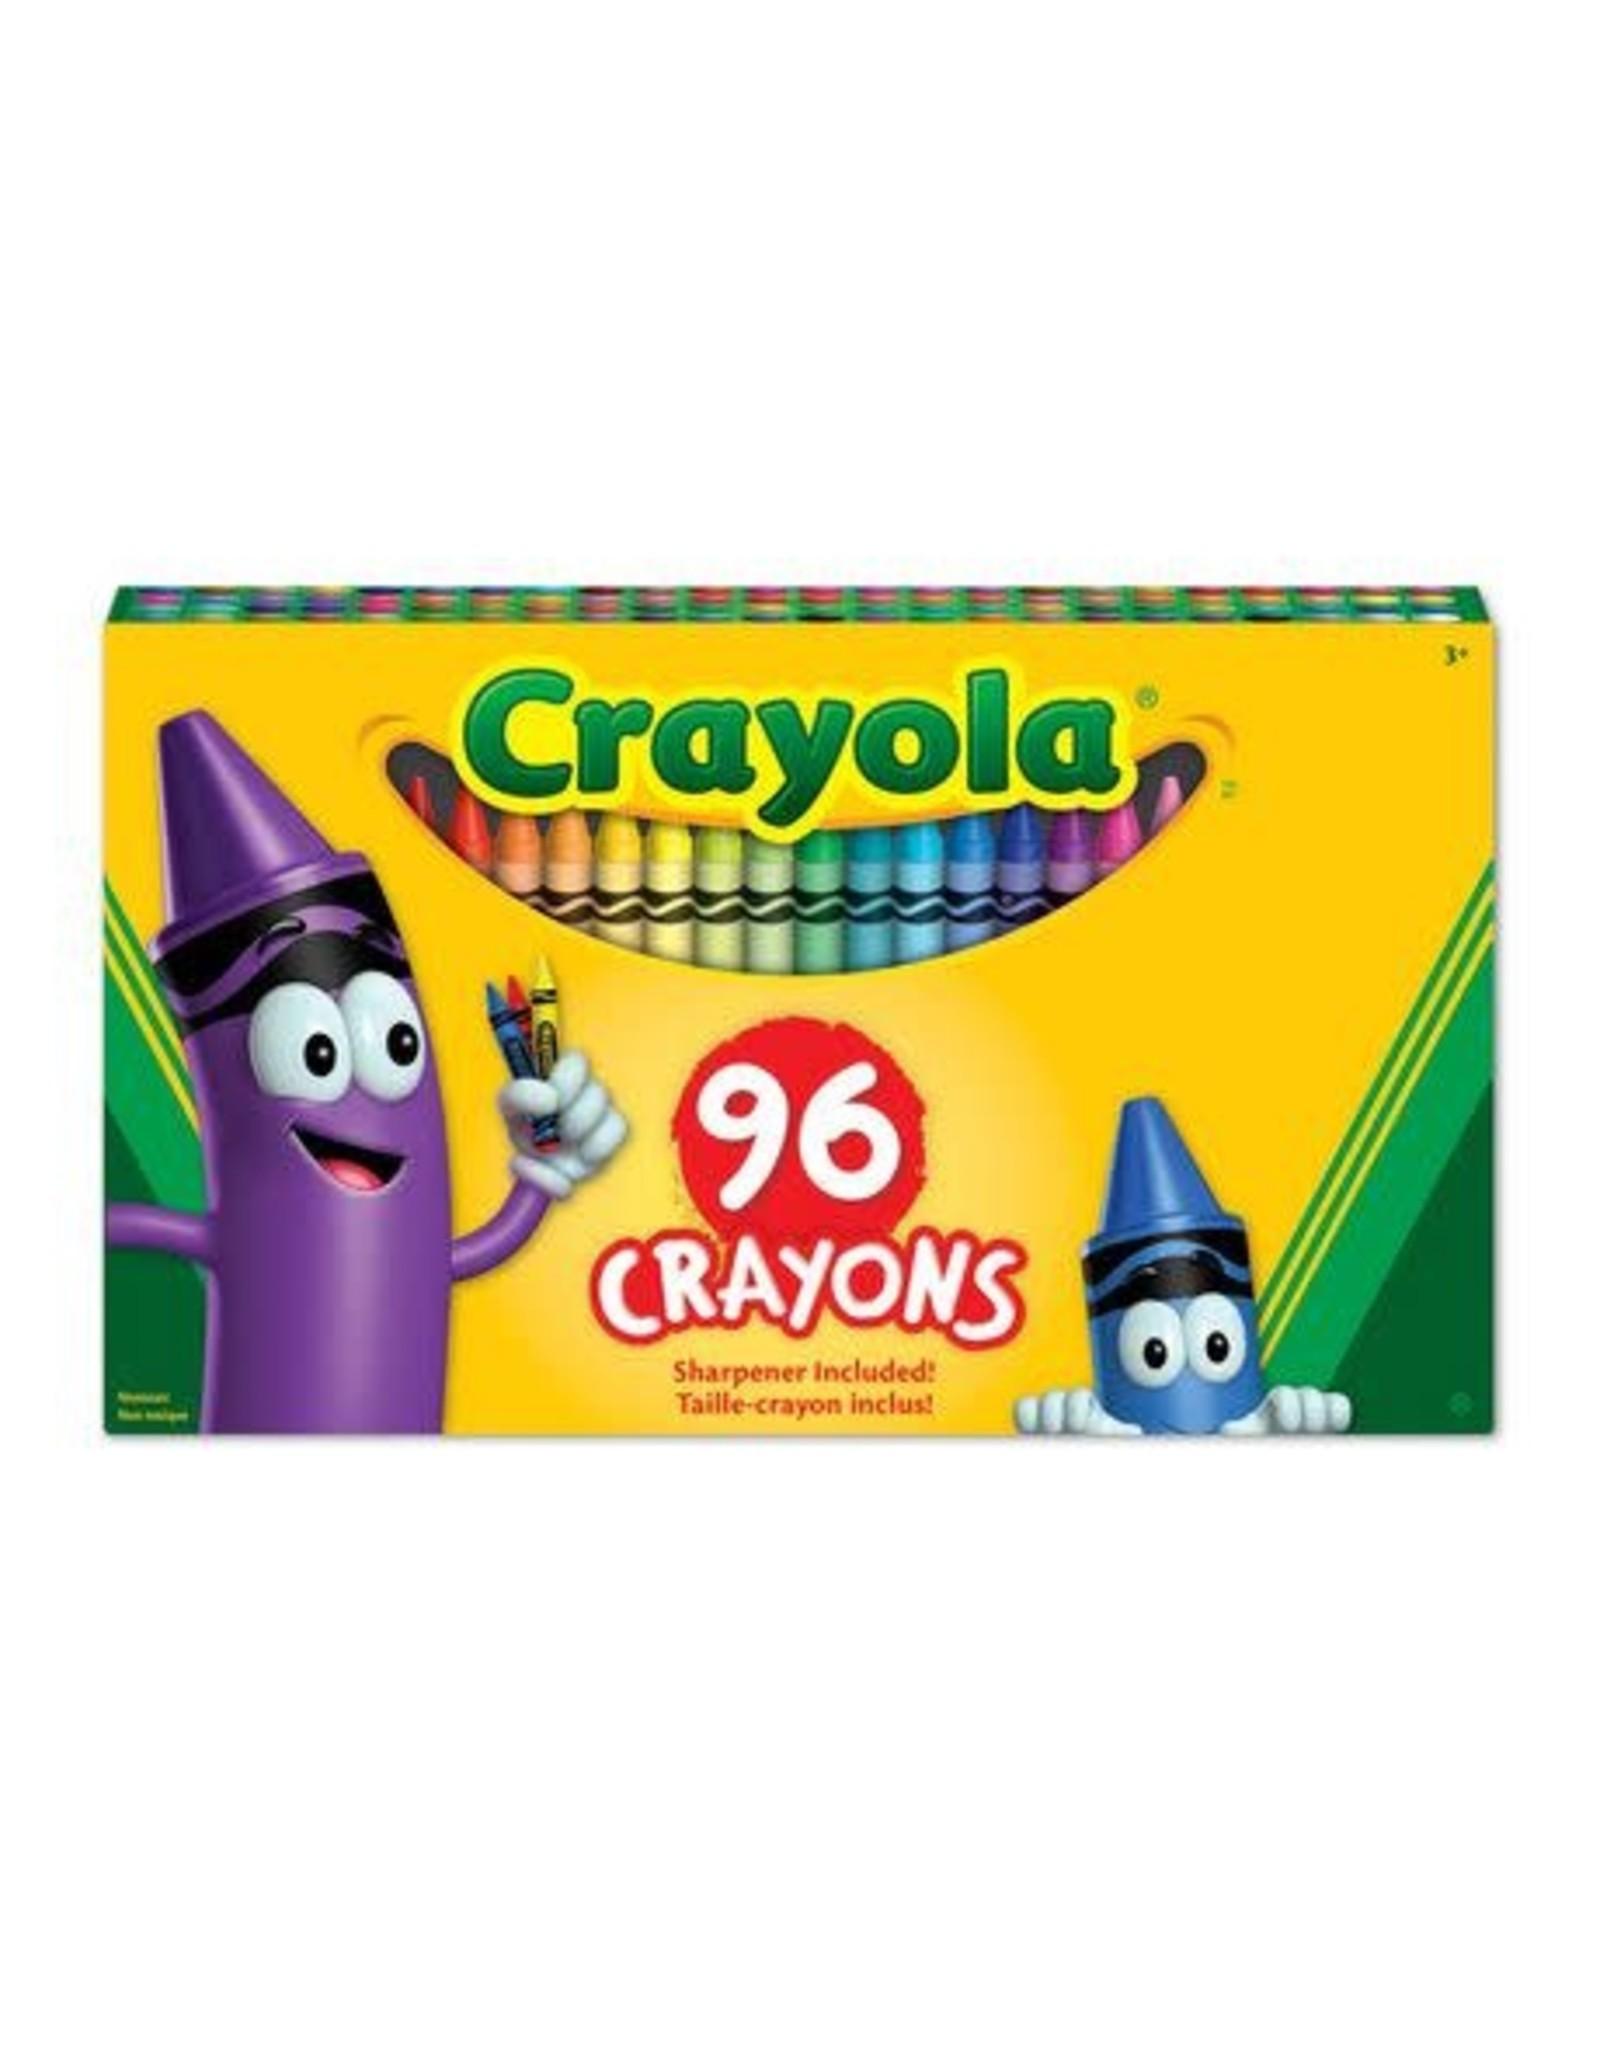 Crayola CRAYONS-CRAYOLA BIG BOX, 96 CRAYONS/ BUILT-IN SHARPENER